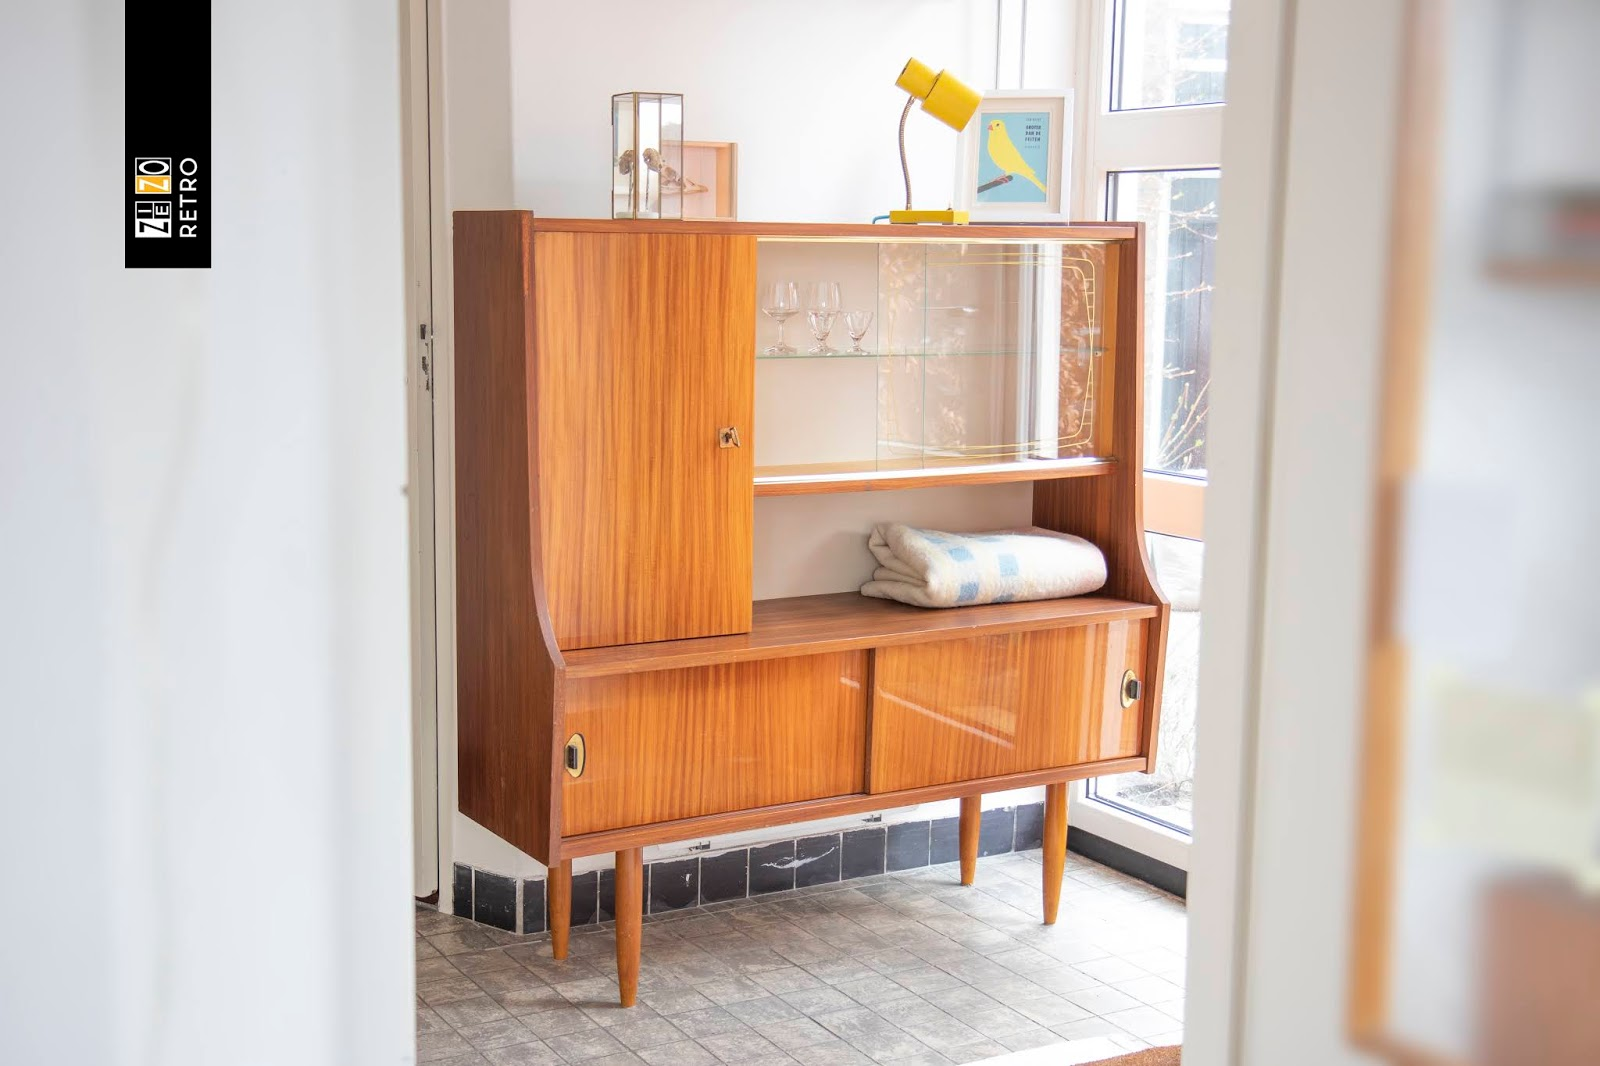 Design Meubelen Jaren 50.Vintage Retro Buffetkast Oude Kast Uit Jaren 50 60